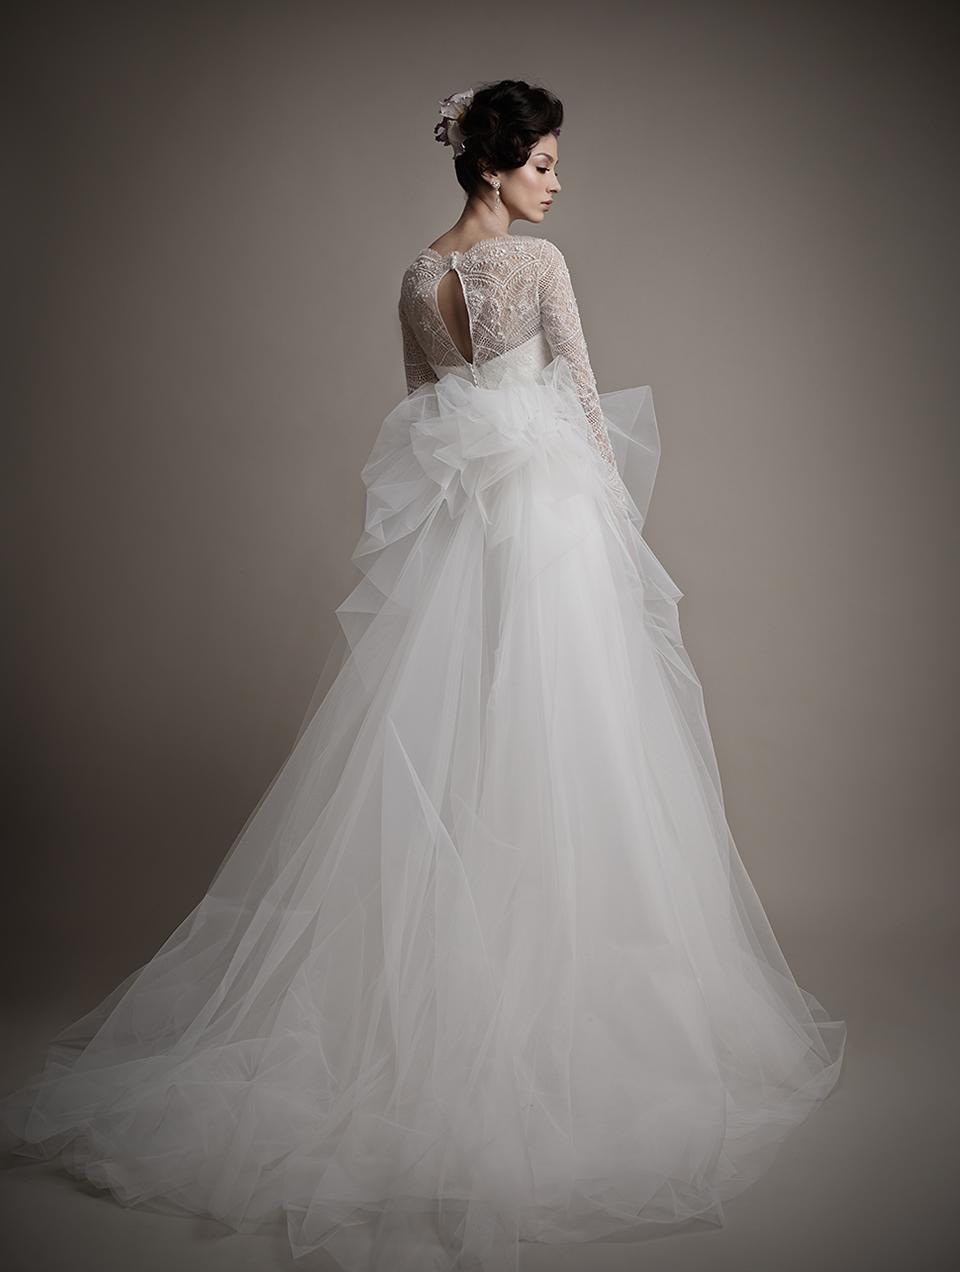 Коллекция свадебных платьев 2015 года от Ersa Atelier19-1